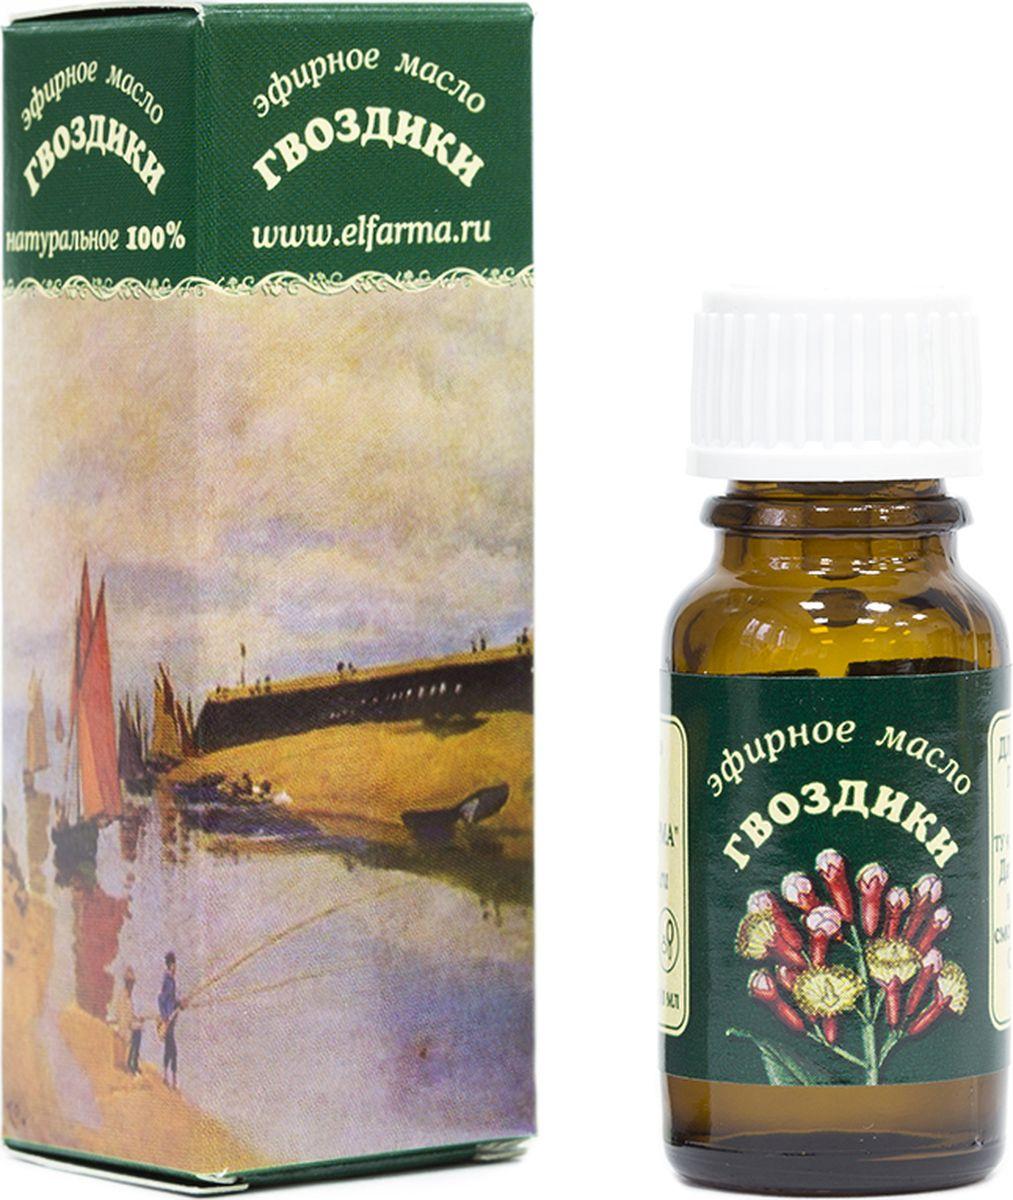 Elfarma Эфирное масло Гвоздики, 10 мл2000000012728Исстари широко использовалось для предупреждения инфекционных заболеваний, вплоть до чумы и холеры. Эффективный репеллент.